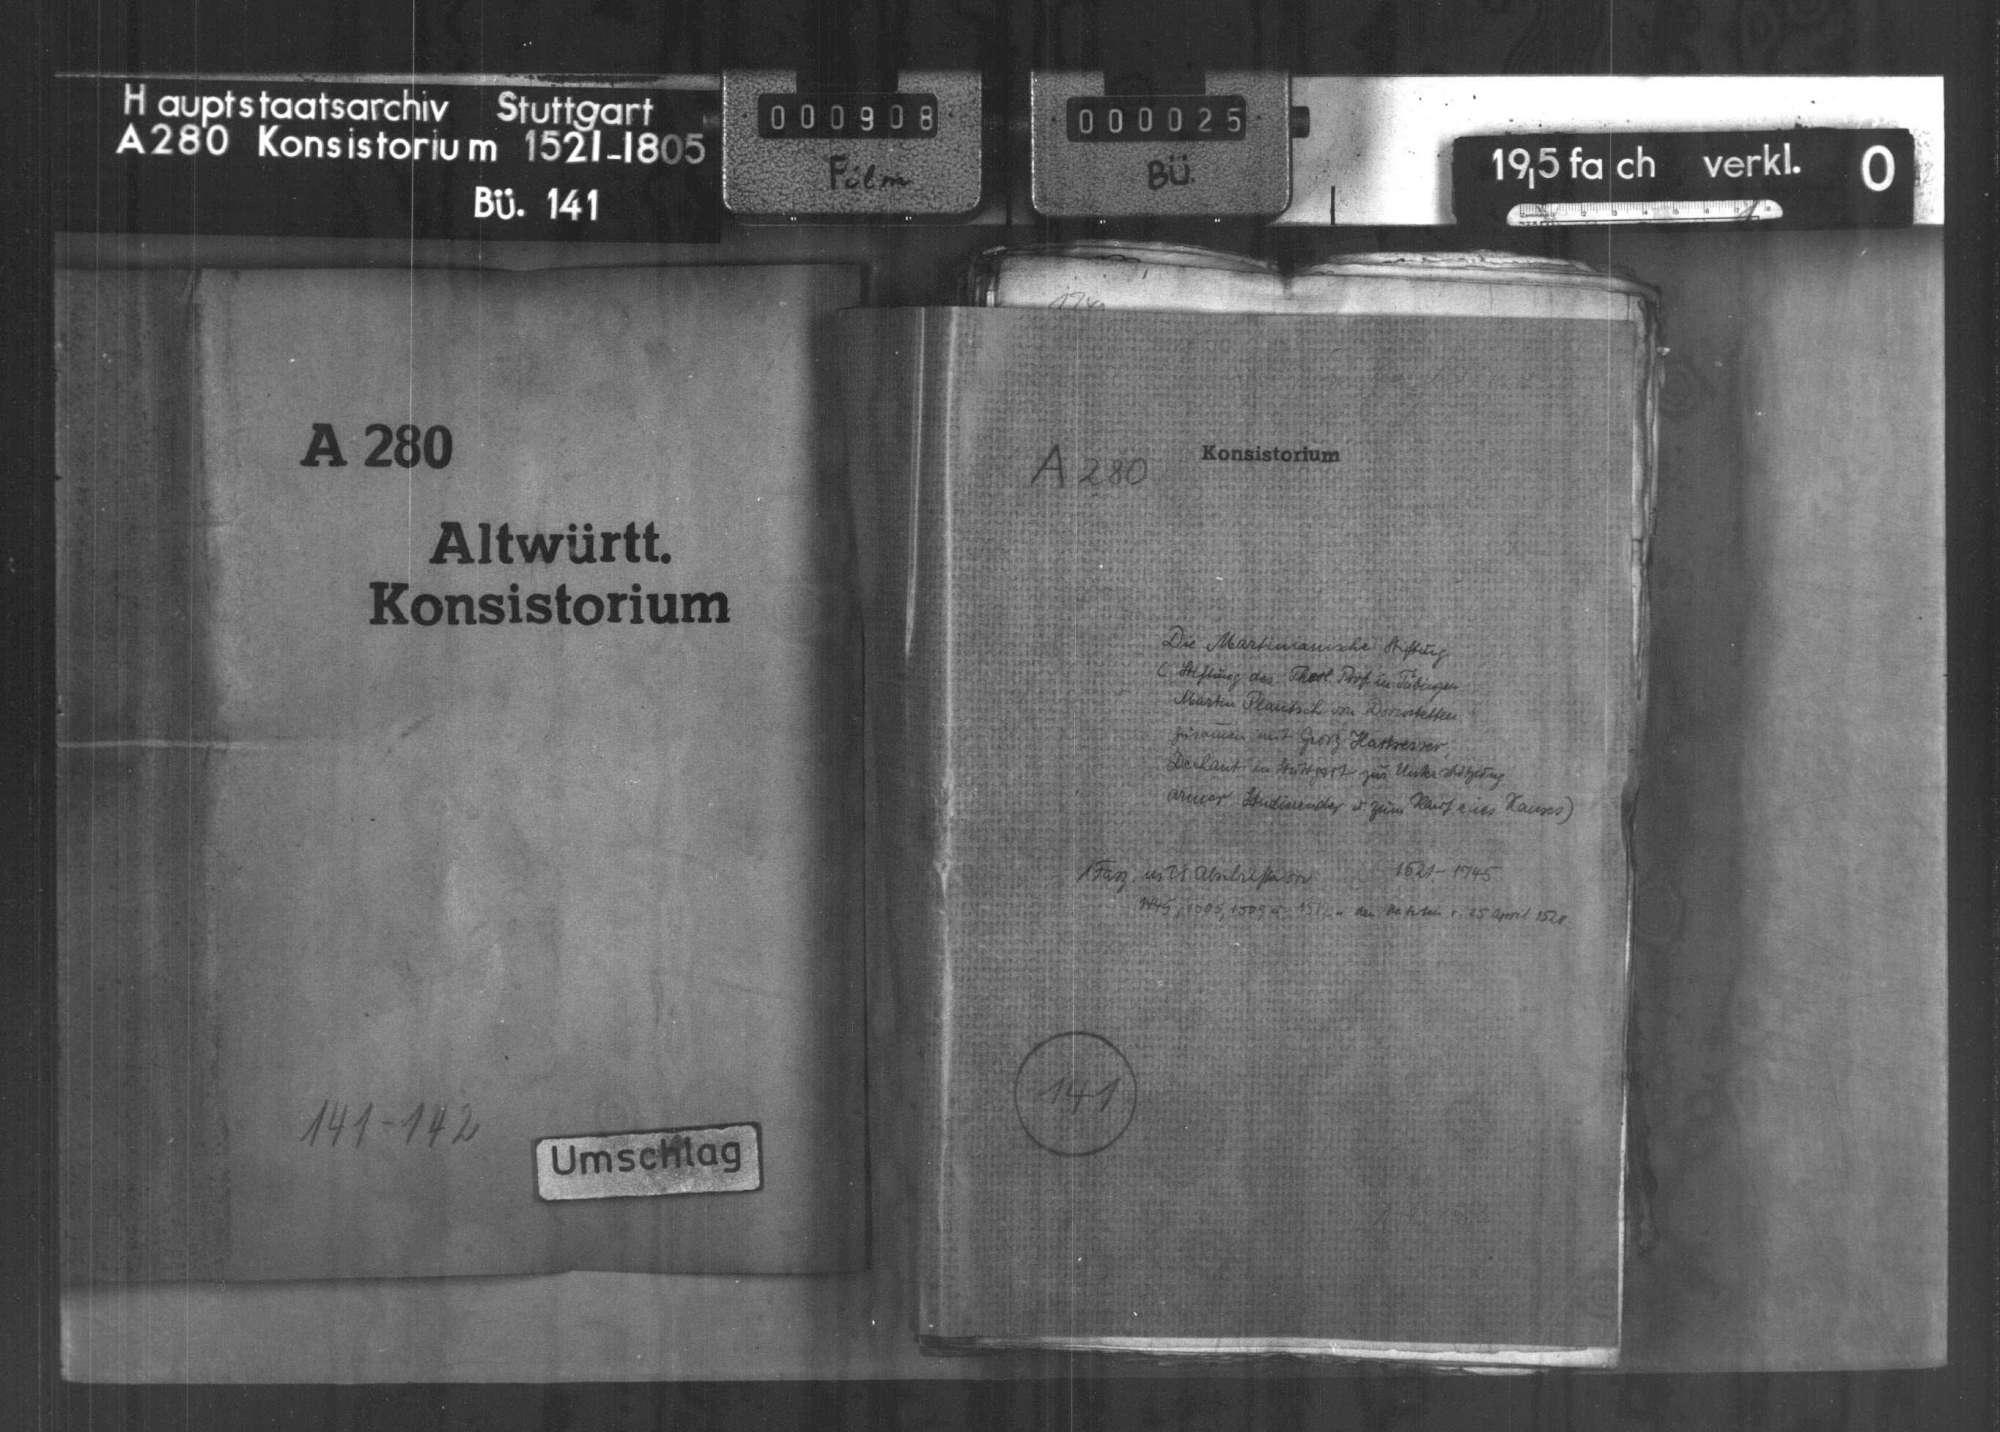 Martinianische Stiftung (Stiftung des Theol. Professors Martin Plantsch von Dornstetten zusammen mit Georg Hartsesser, Dechant aus Stuttgart, zur Unterstützung armer Studierender und zum Kauf eines Hauses),, Bild 1